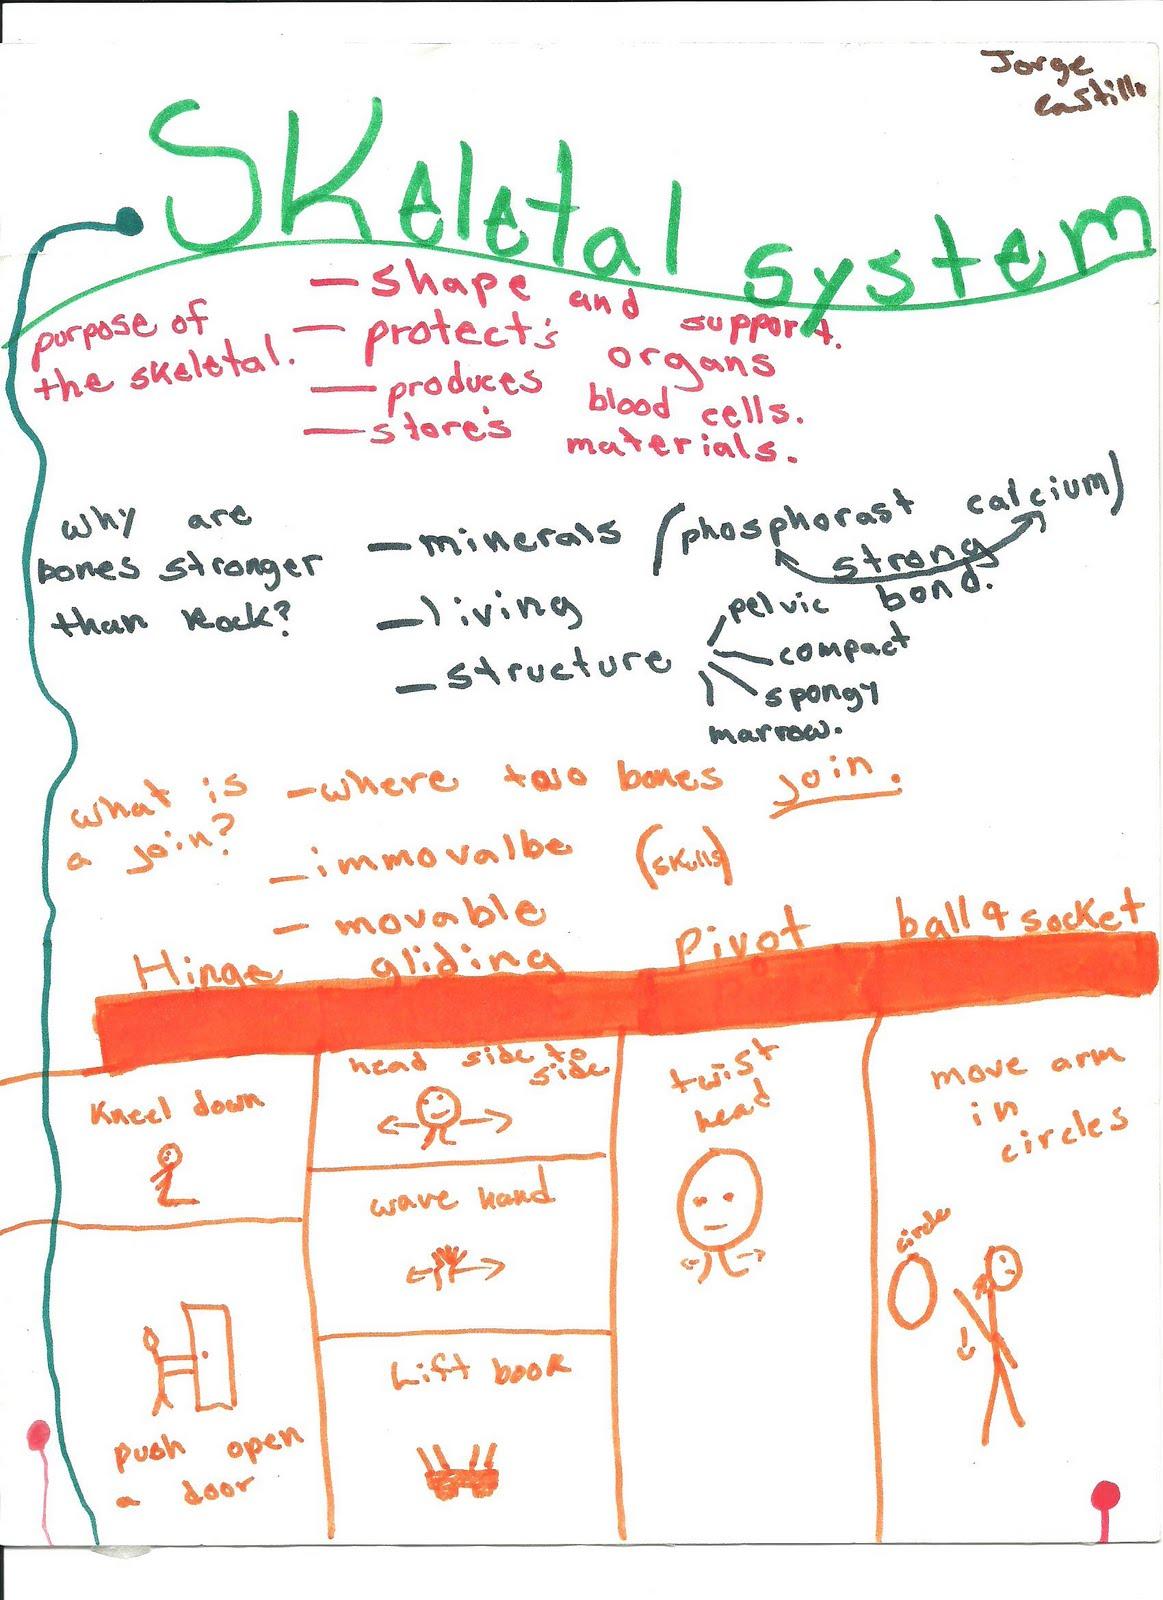 Mr Schriner Science Skeletal System Mindmap